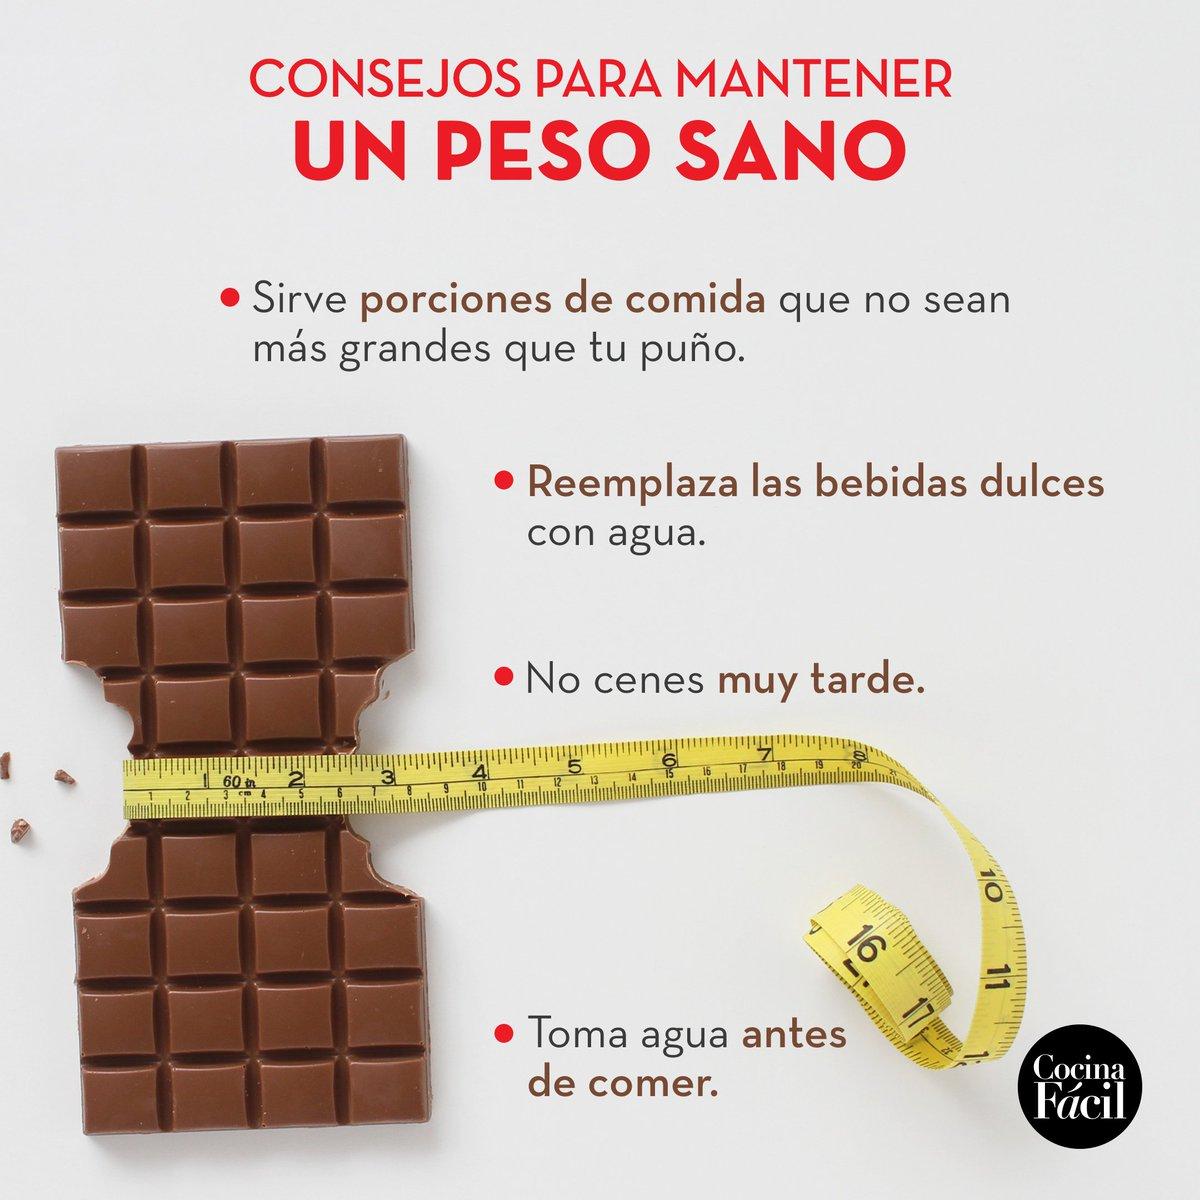 RT @cocina_facil_mx: Si buscas tener un peso sano, sigue estos consejos 😉  #CocinaFácil https://t.co/fDoqM5cQo5